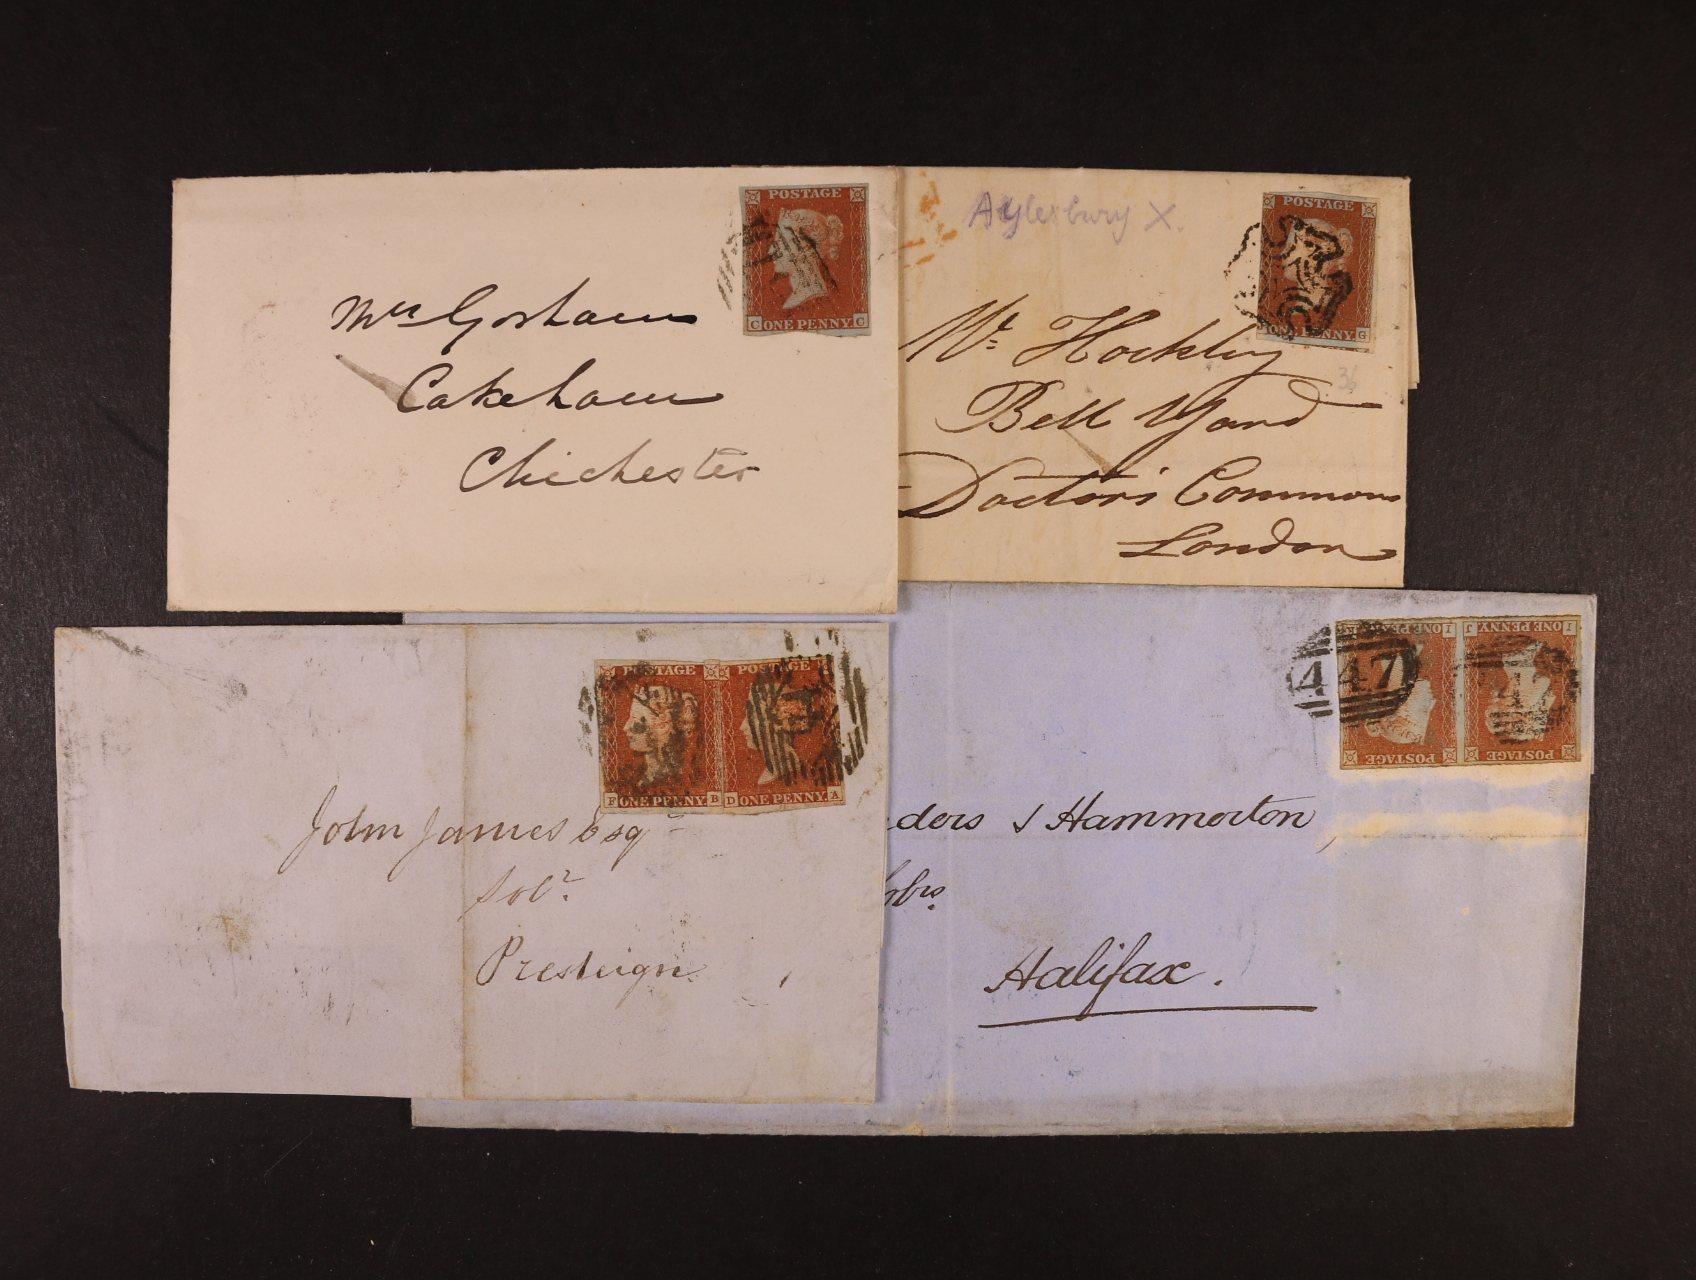 sestava 4 ks skl. dopisů z let 1843 - 1853, dva dopisy frank. jednou zn. Mi. č. 3, jeden dopis frank. dvěma  zn. Mi. č. 3, jeden dopis frank. zn. Mi. 3 ve vodorovné dvoupásce, znehodnoc. čís. razítky, resp. raz. Maltézský kříž, zajímavé, k prohlédnutí